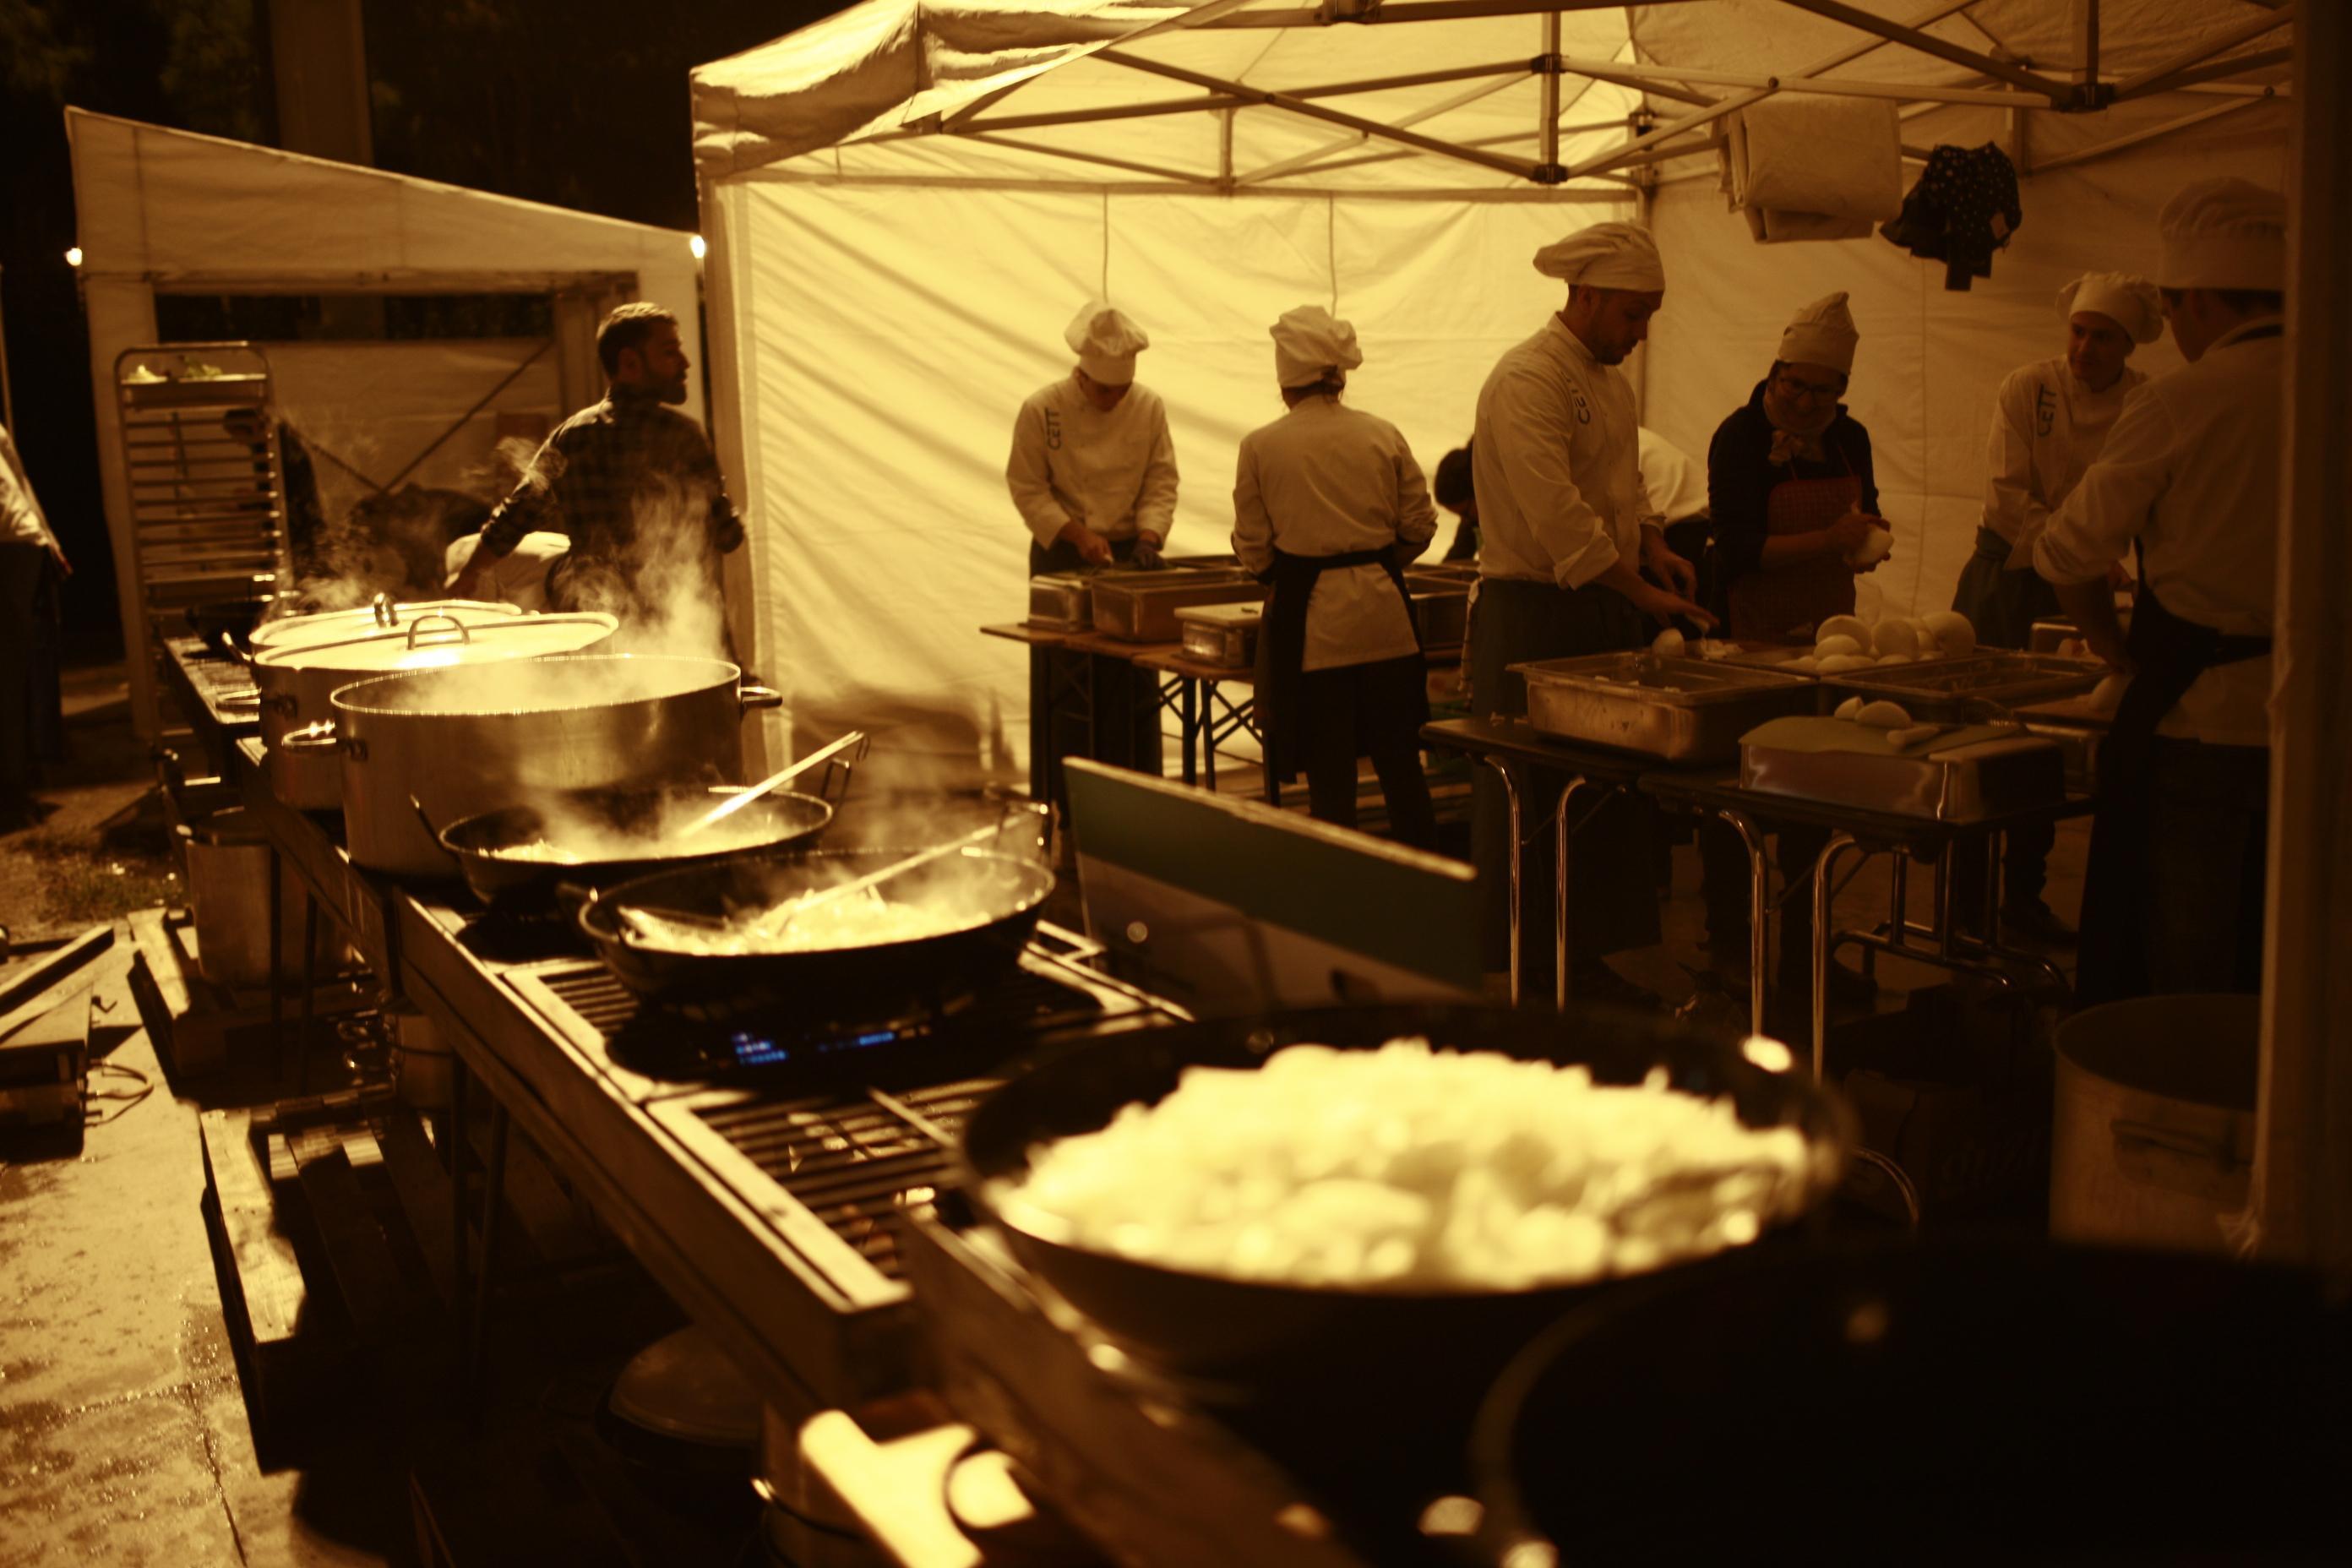 Preparació d'alguns plats la nit abans